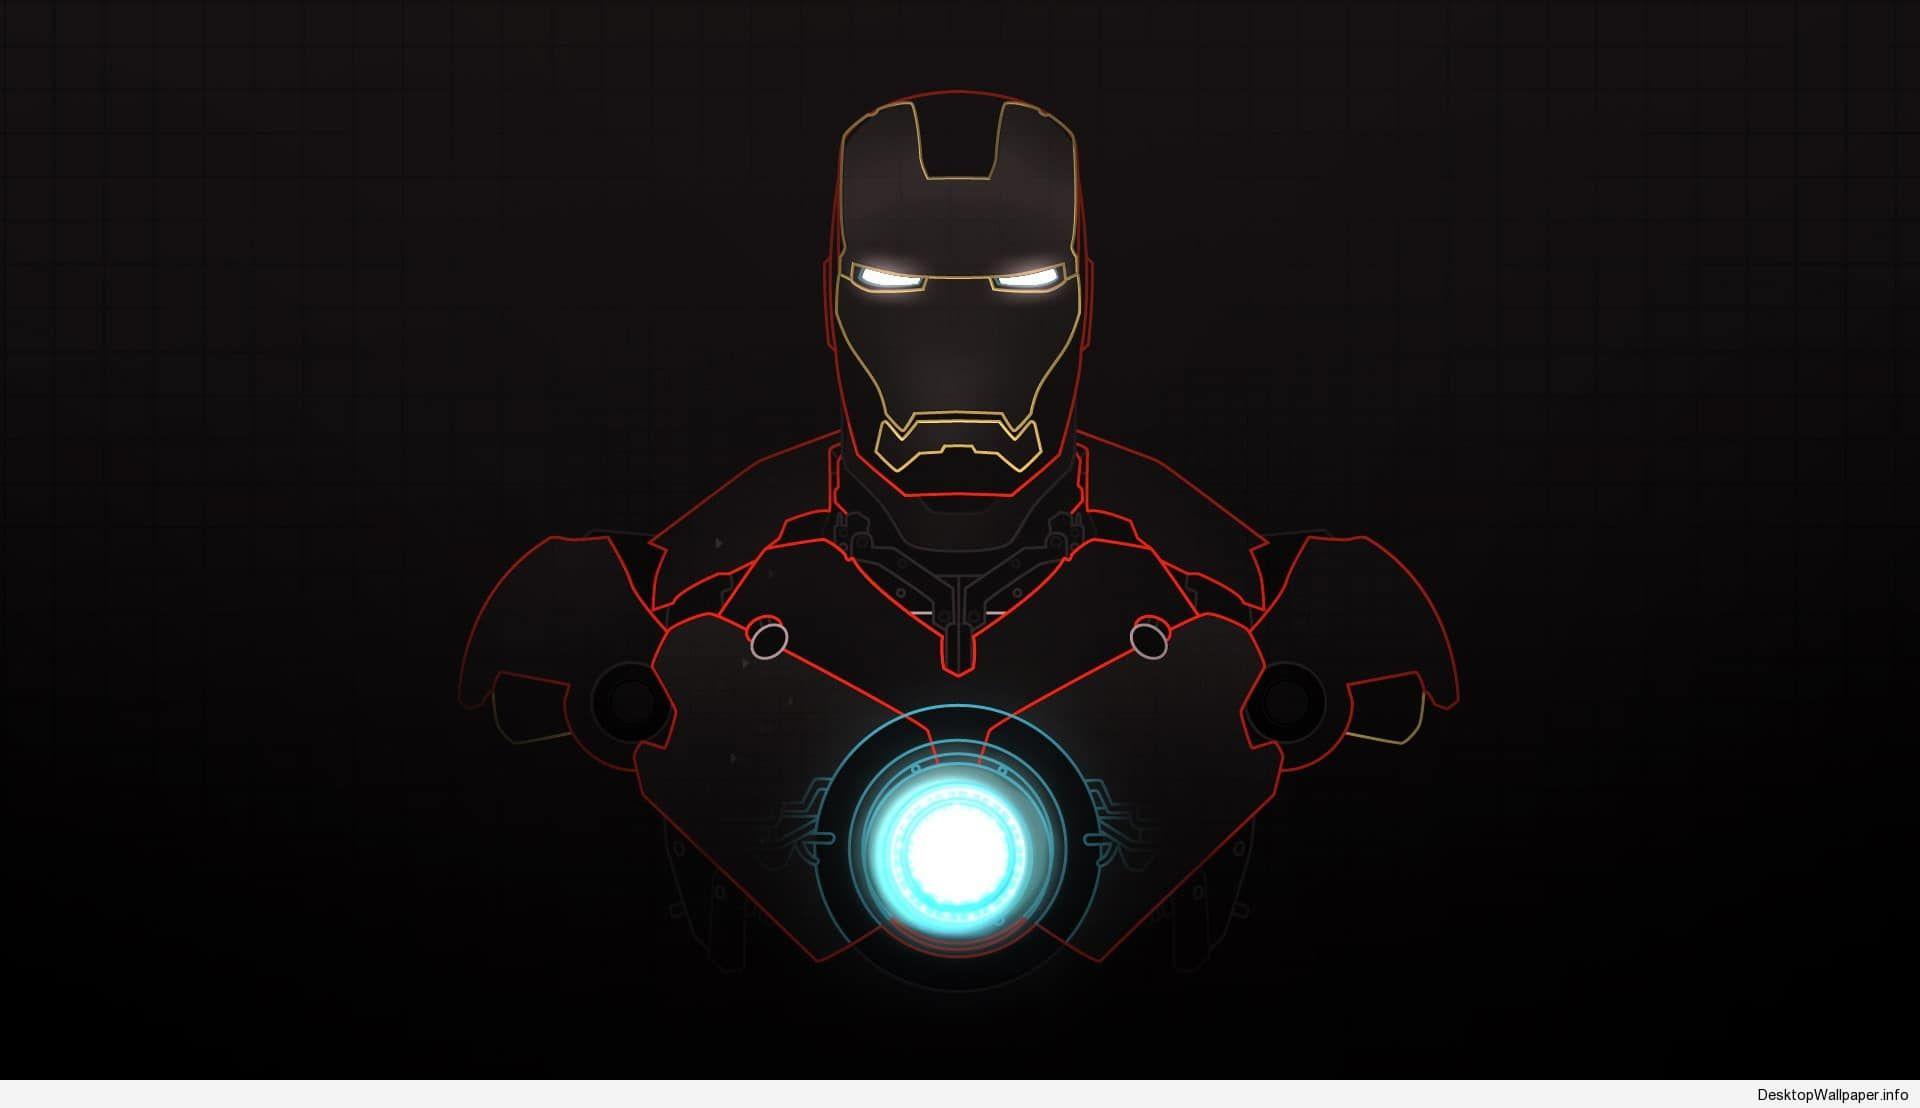 Iron Man Wallpapers Top Free Iron Man Backgrounds Wallpaperaccess Iron Man Hd Wallpaper Iron Man Wallpaper Man Wallpaper